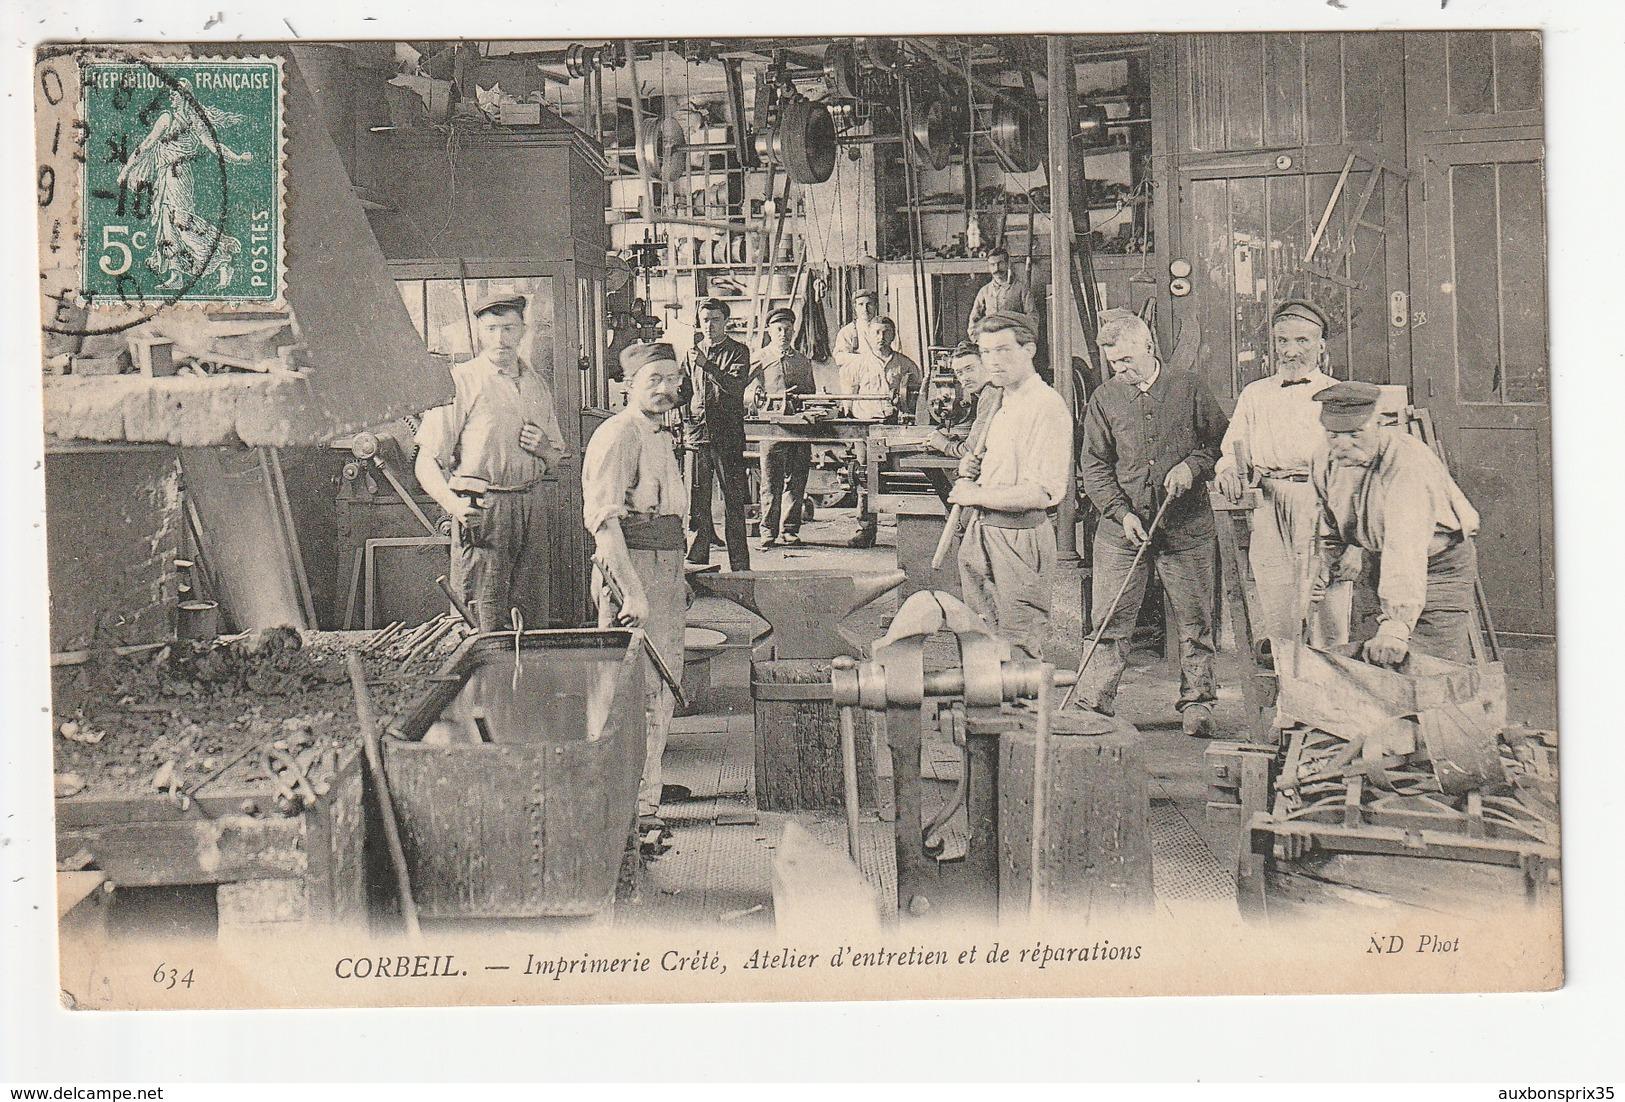 CORBEIL - IMPRIMERIE CRETE, ATELIER D'ENTRETIEN ET DE REPARATIONS - 91 - Corbeil Essonnes